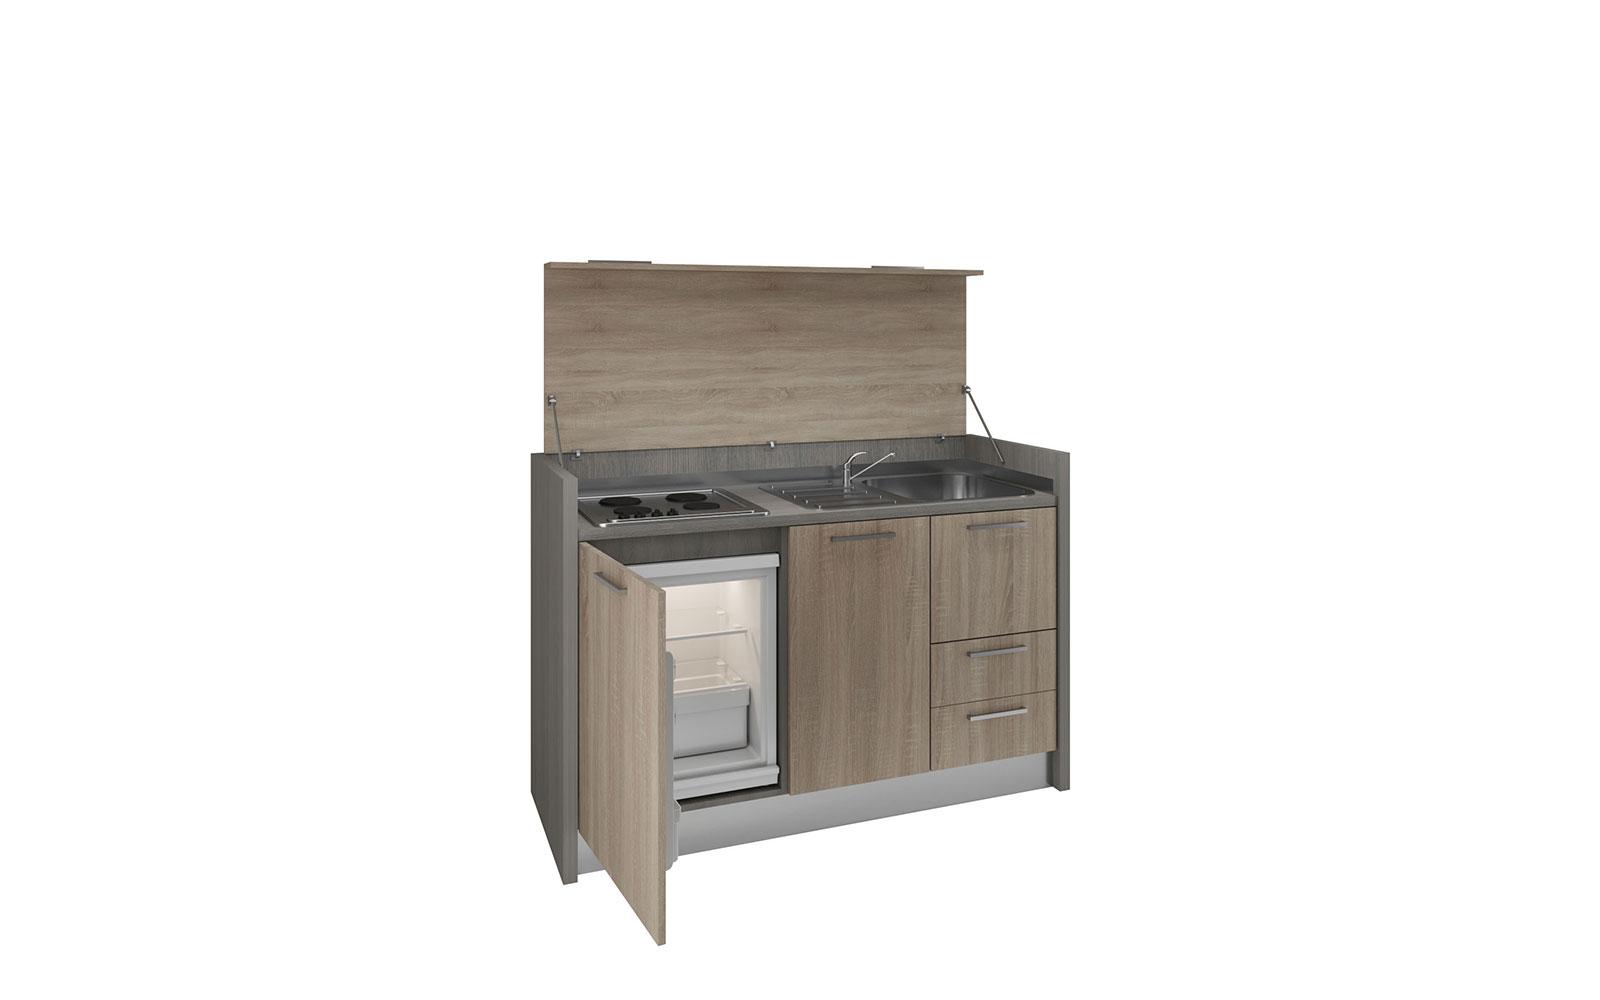 Cilento - Mobile cucina a scomparsa con piano 4 fuochi ...